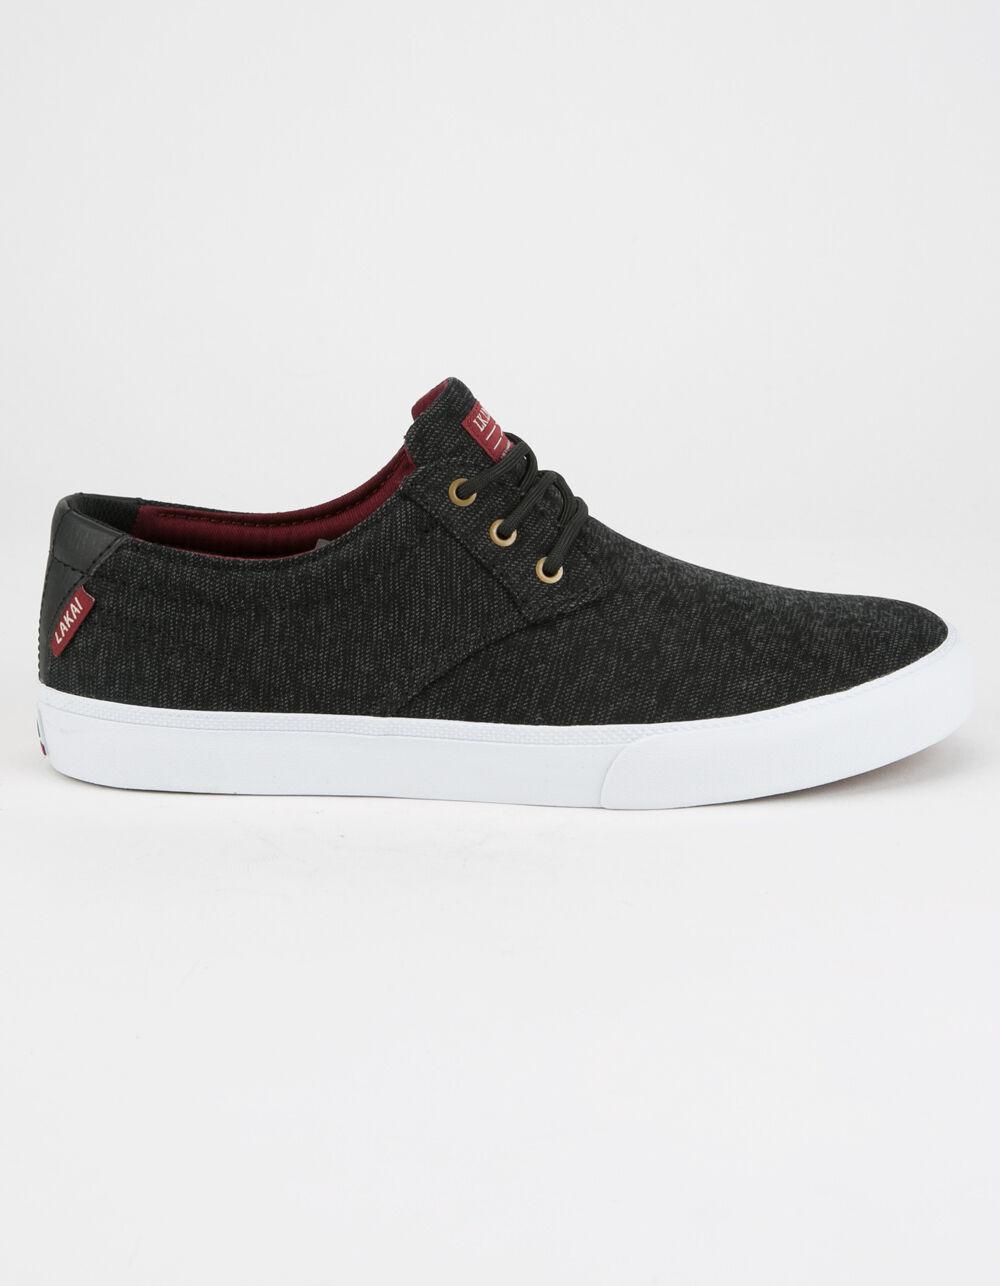 LAKAI Daly Black Shoes